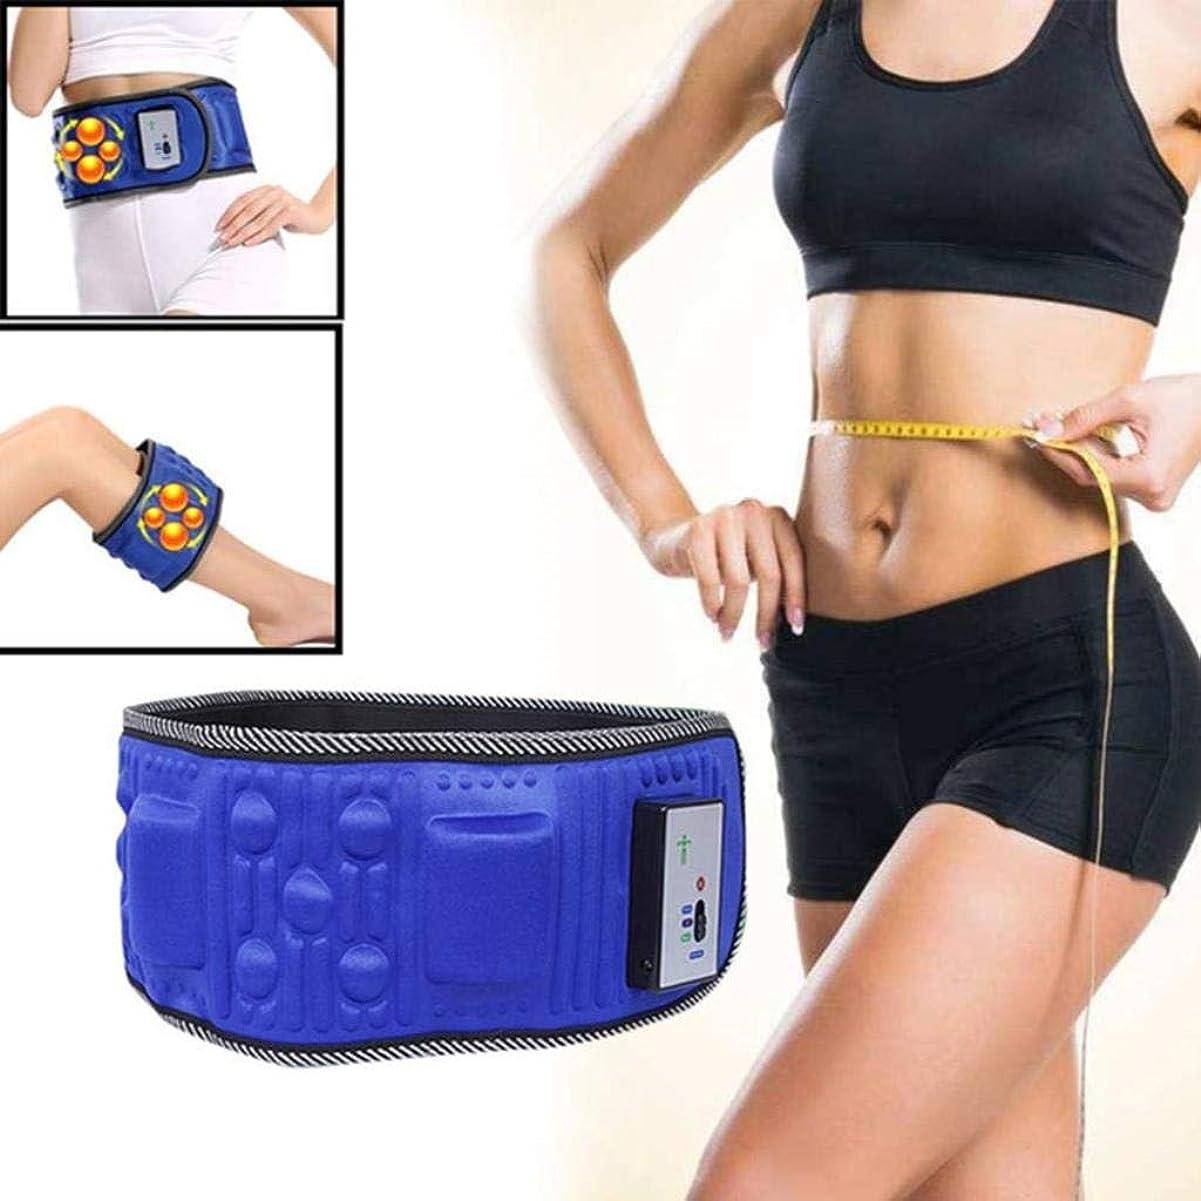 セッション表現慣性腰マッサージャー、電動振動痩身ベルトマッサージャー、痩身ベルト振動脂肪燃焼痩身ベルト、ウエストトレーナー